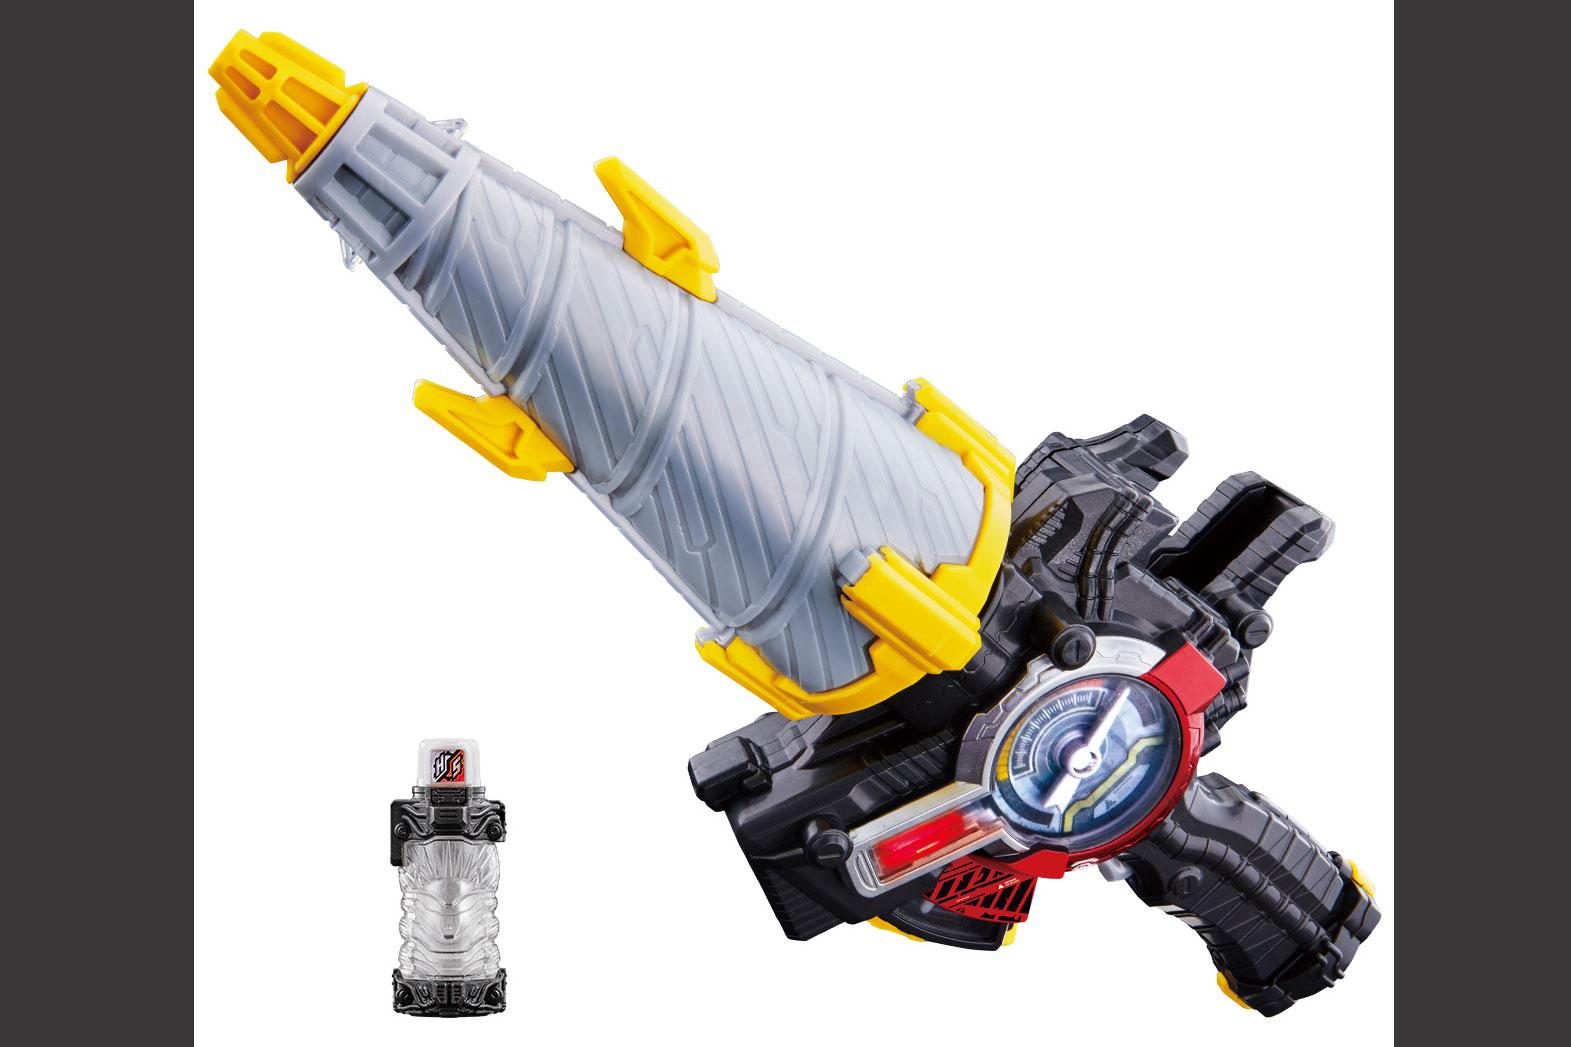 仮面ライダービルドのなりきり玩具『ドリルクラッシャー』が発売!ハリネズミフルボトルも付属!